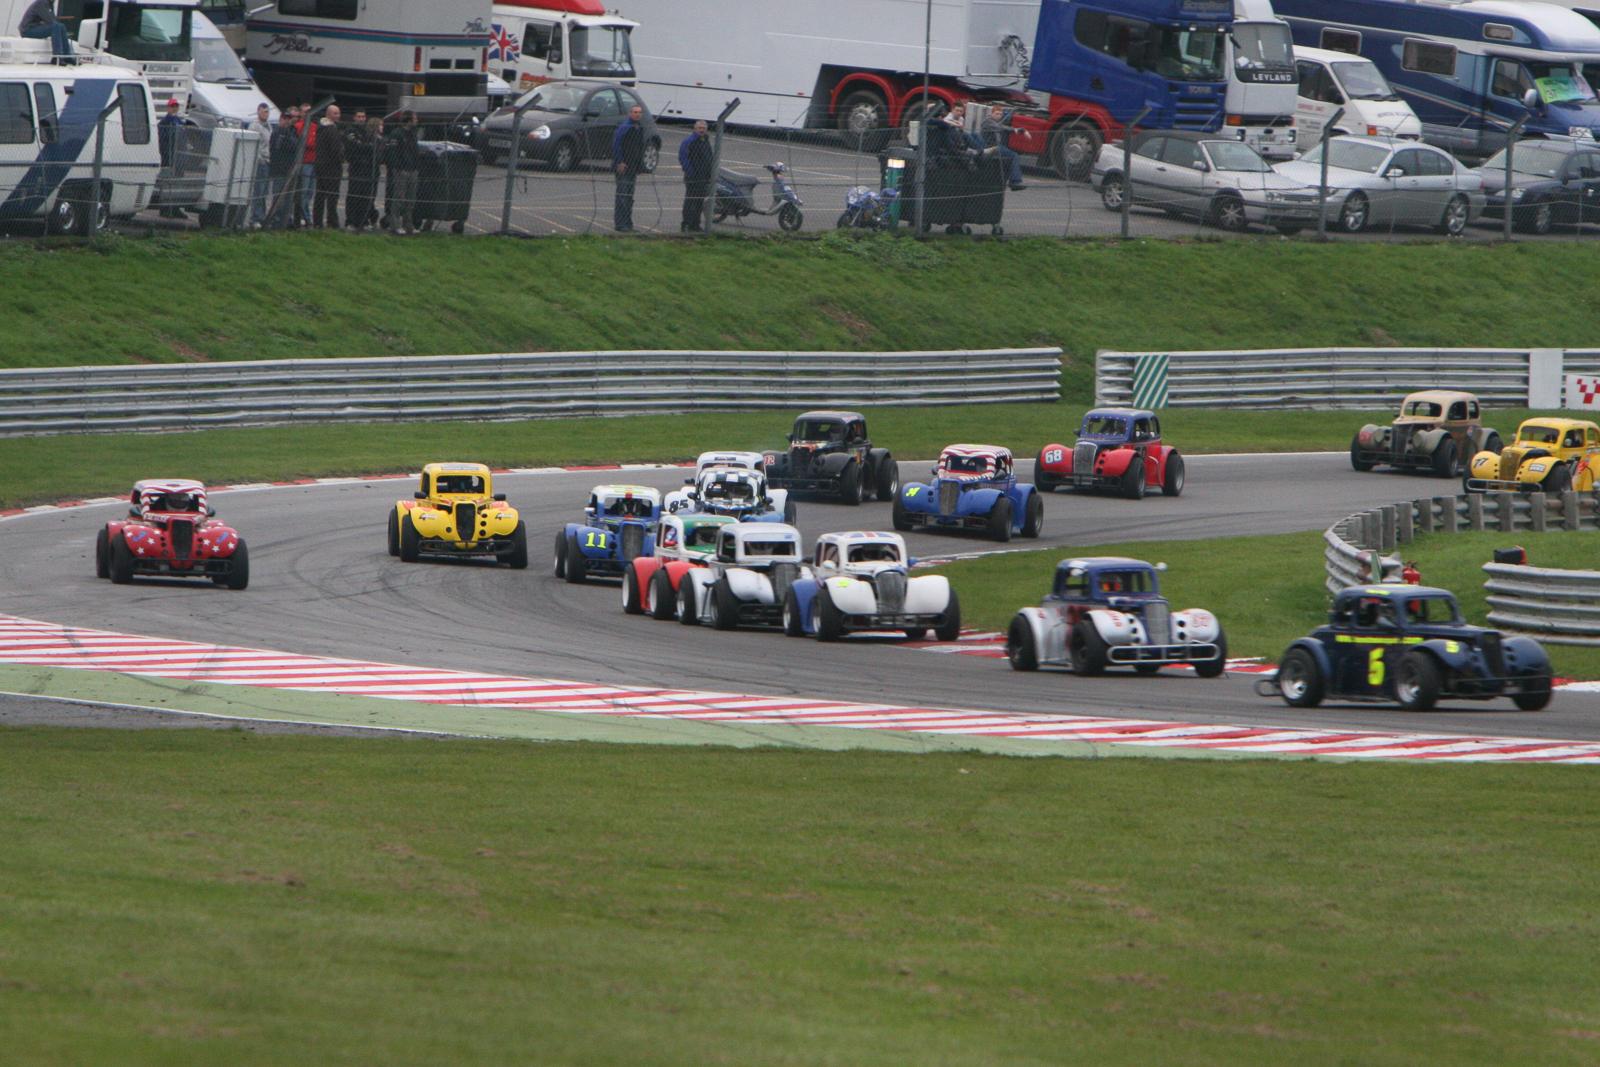 20071103 - Truck Racing Brands -071103 -055